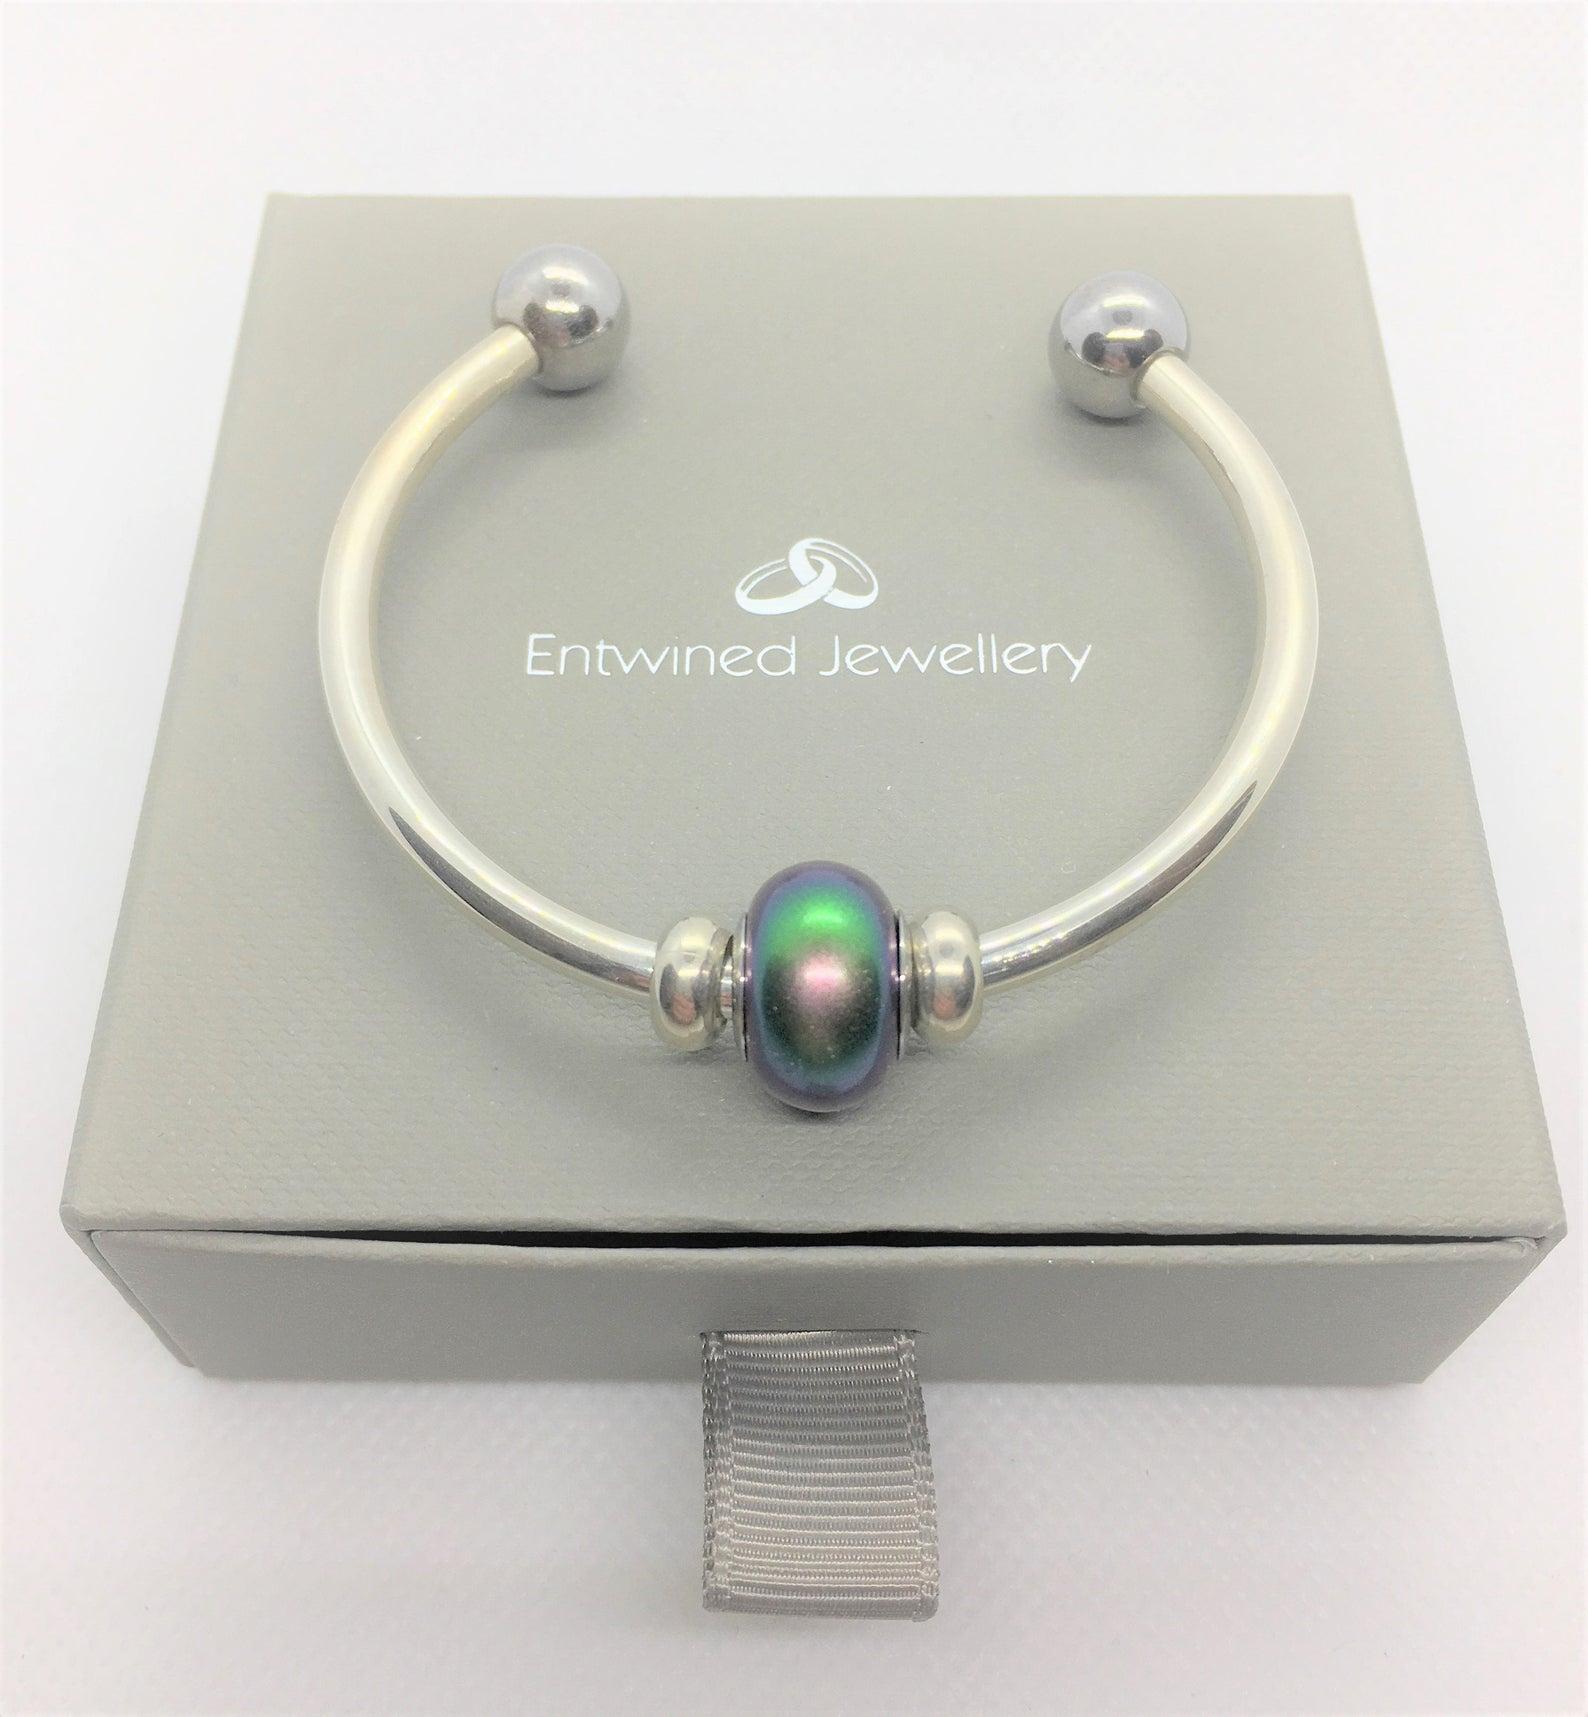 Luxury Sterling Silver Verona Cuff Brace